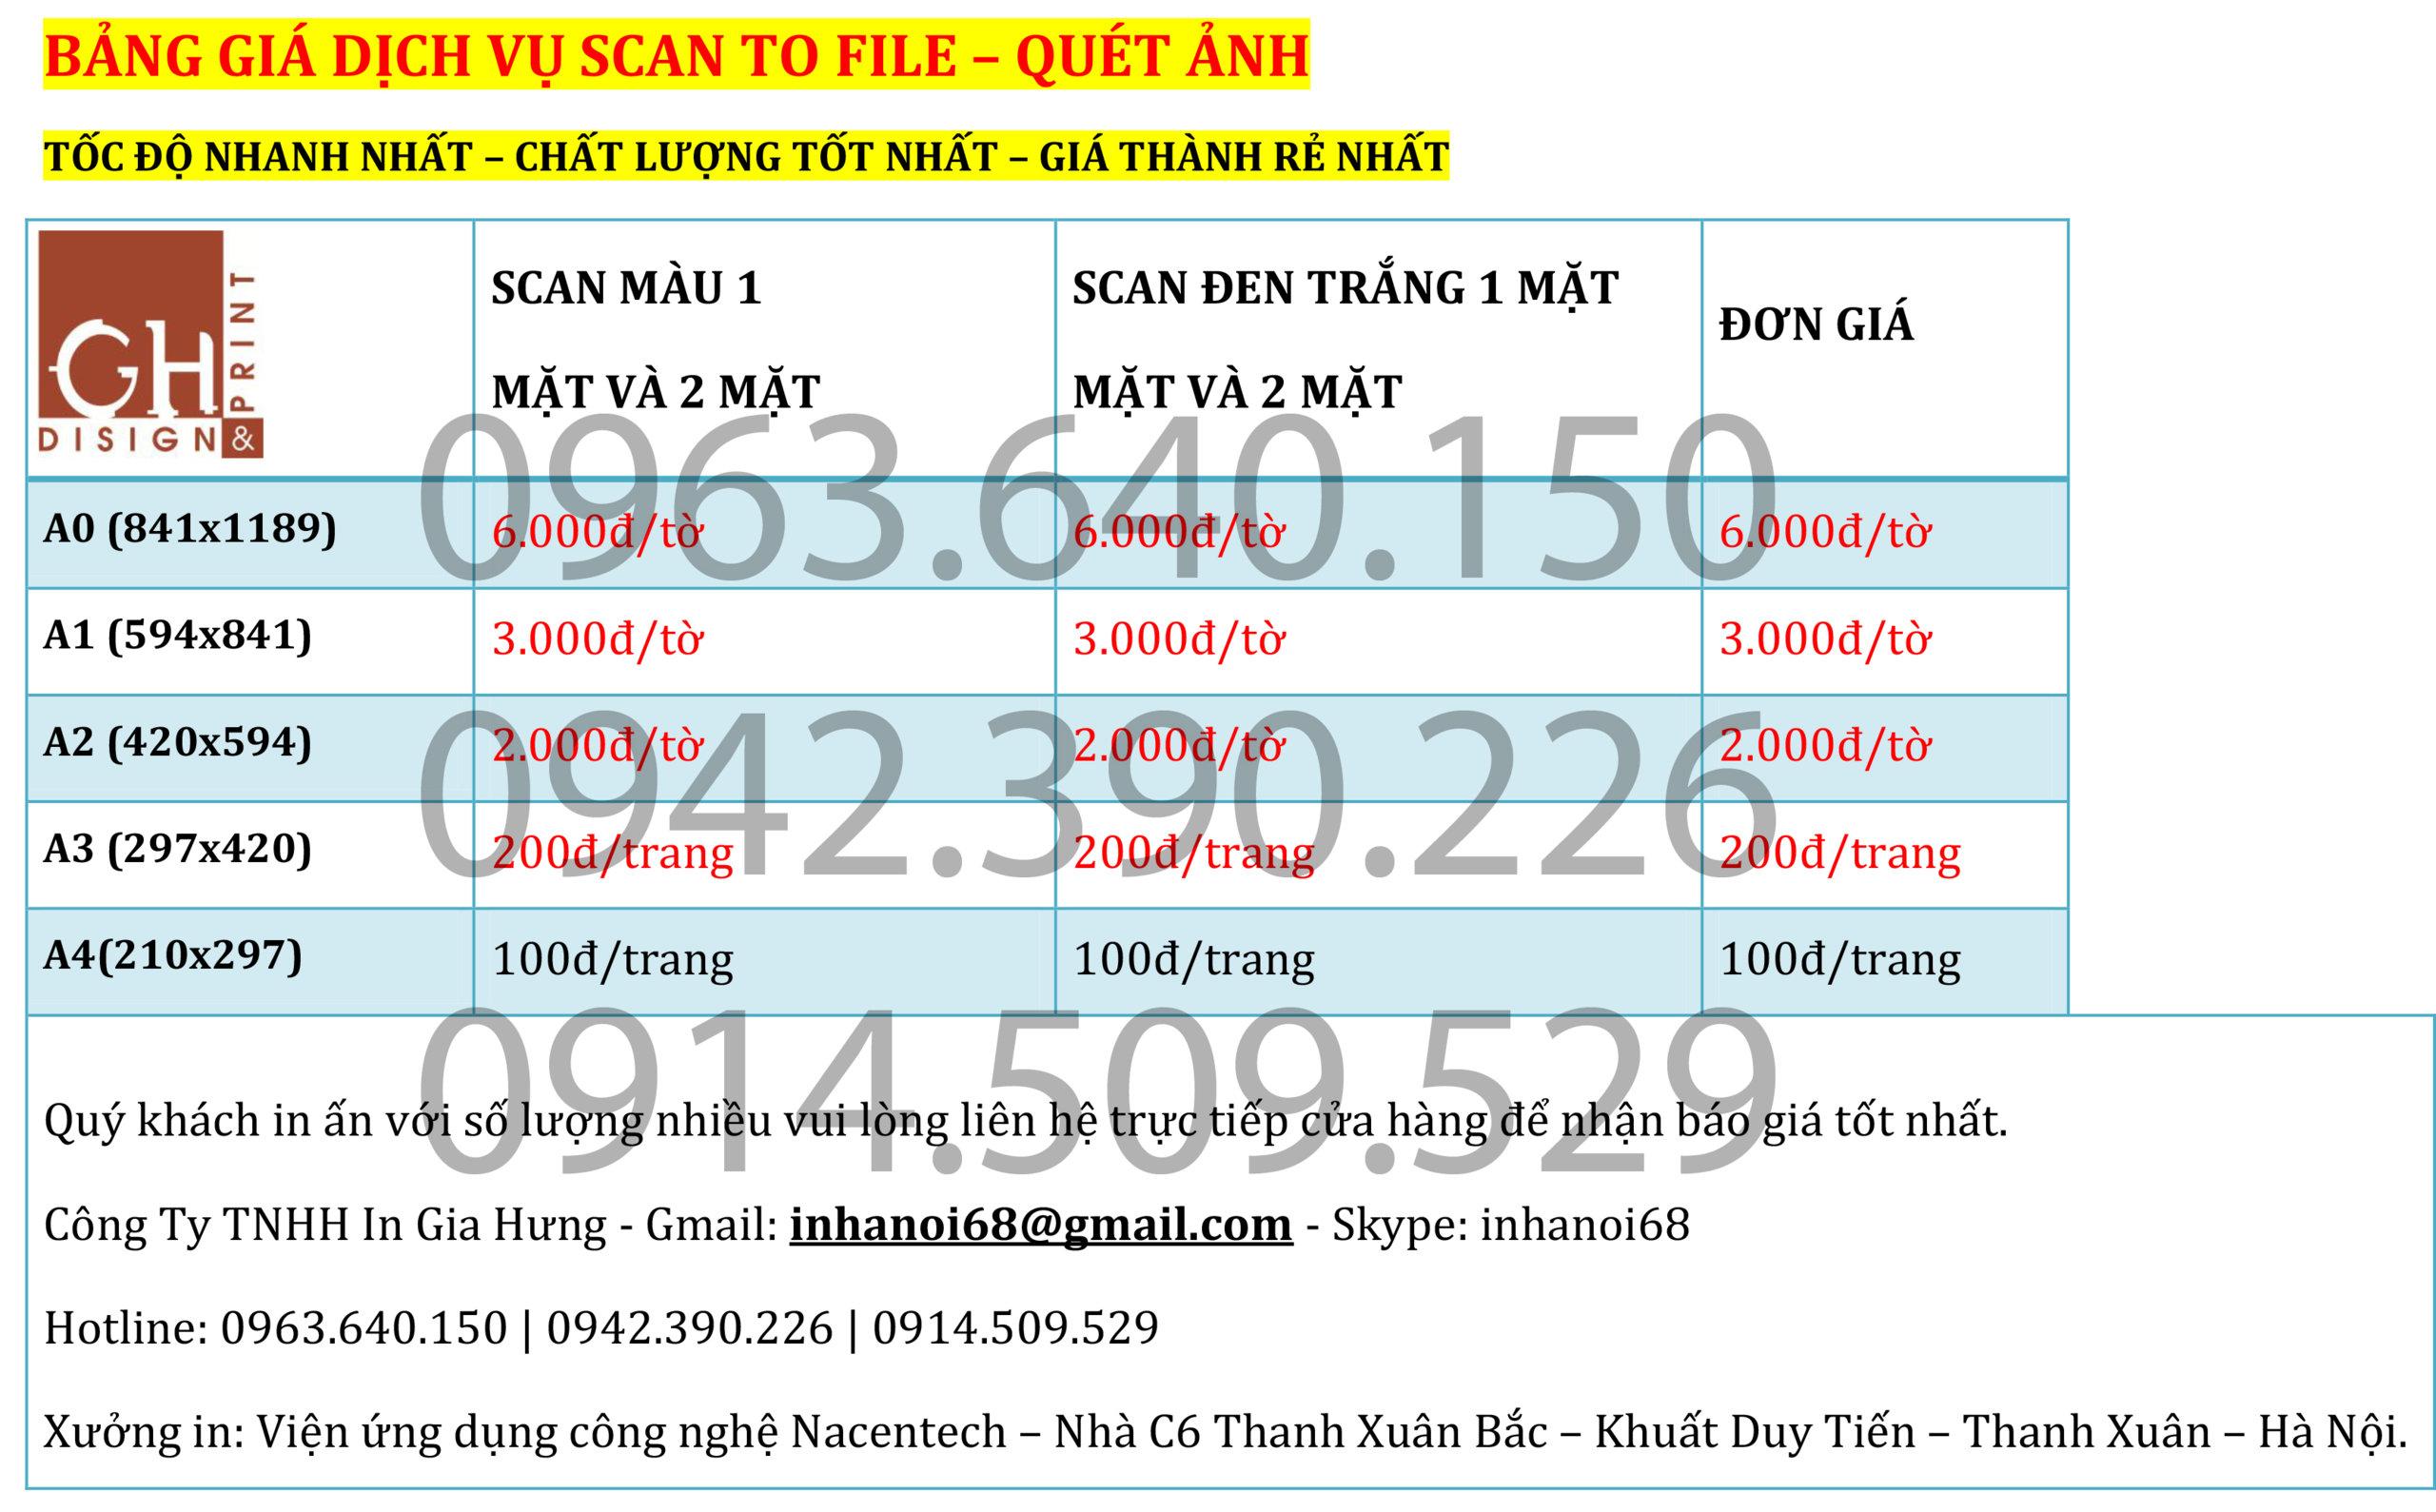 9. Photo màu giá rẻ tại Hà Nội. Photo tài liệu màu giá rẻ nhất Tại Hà Nội.jpg